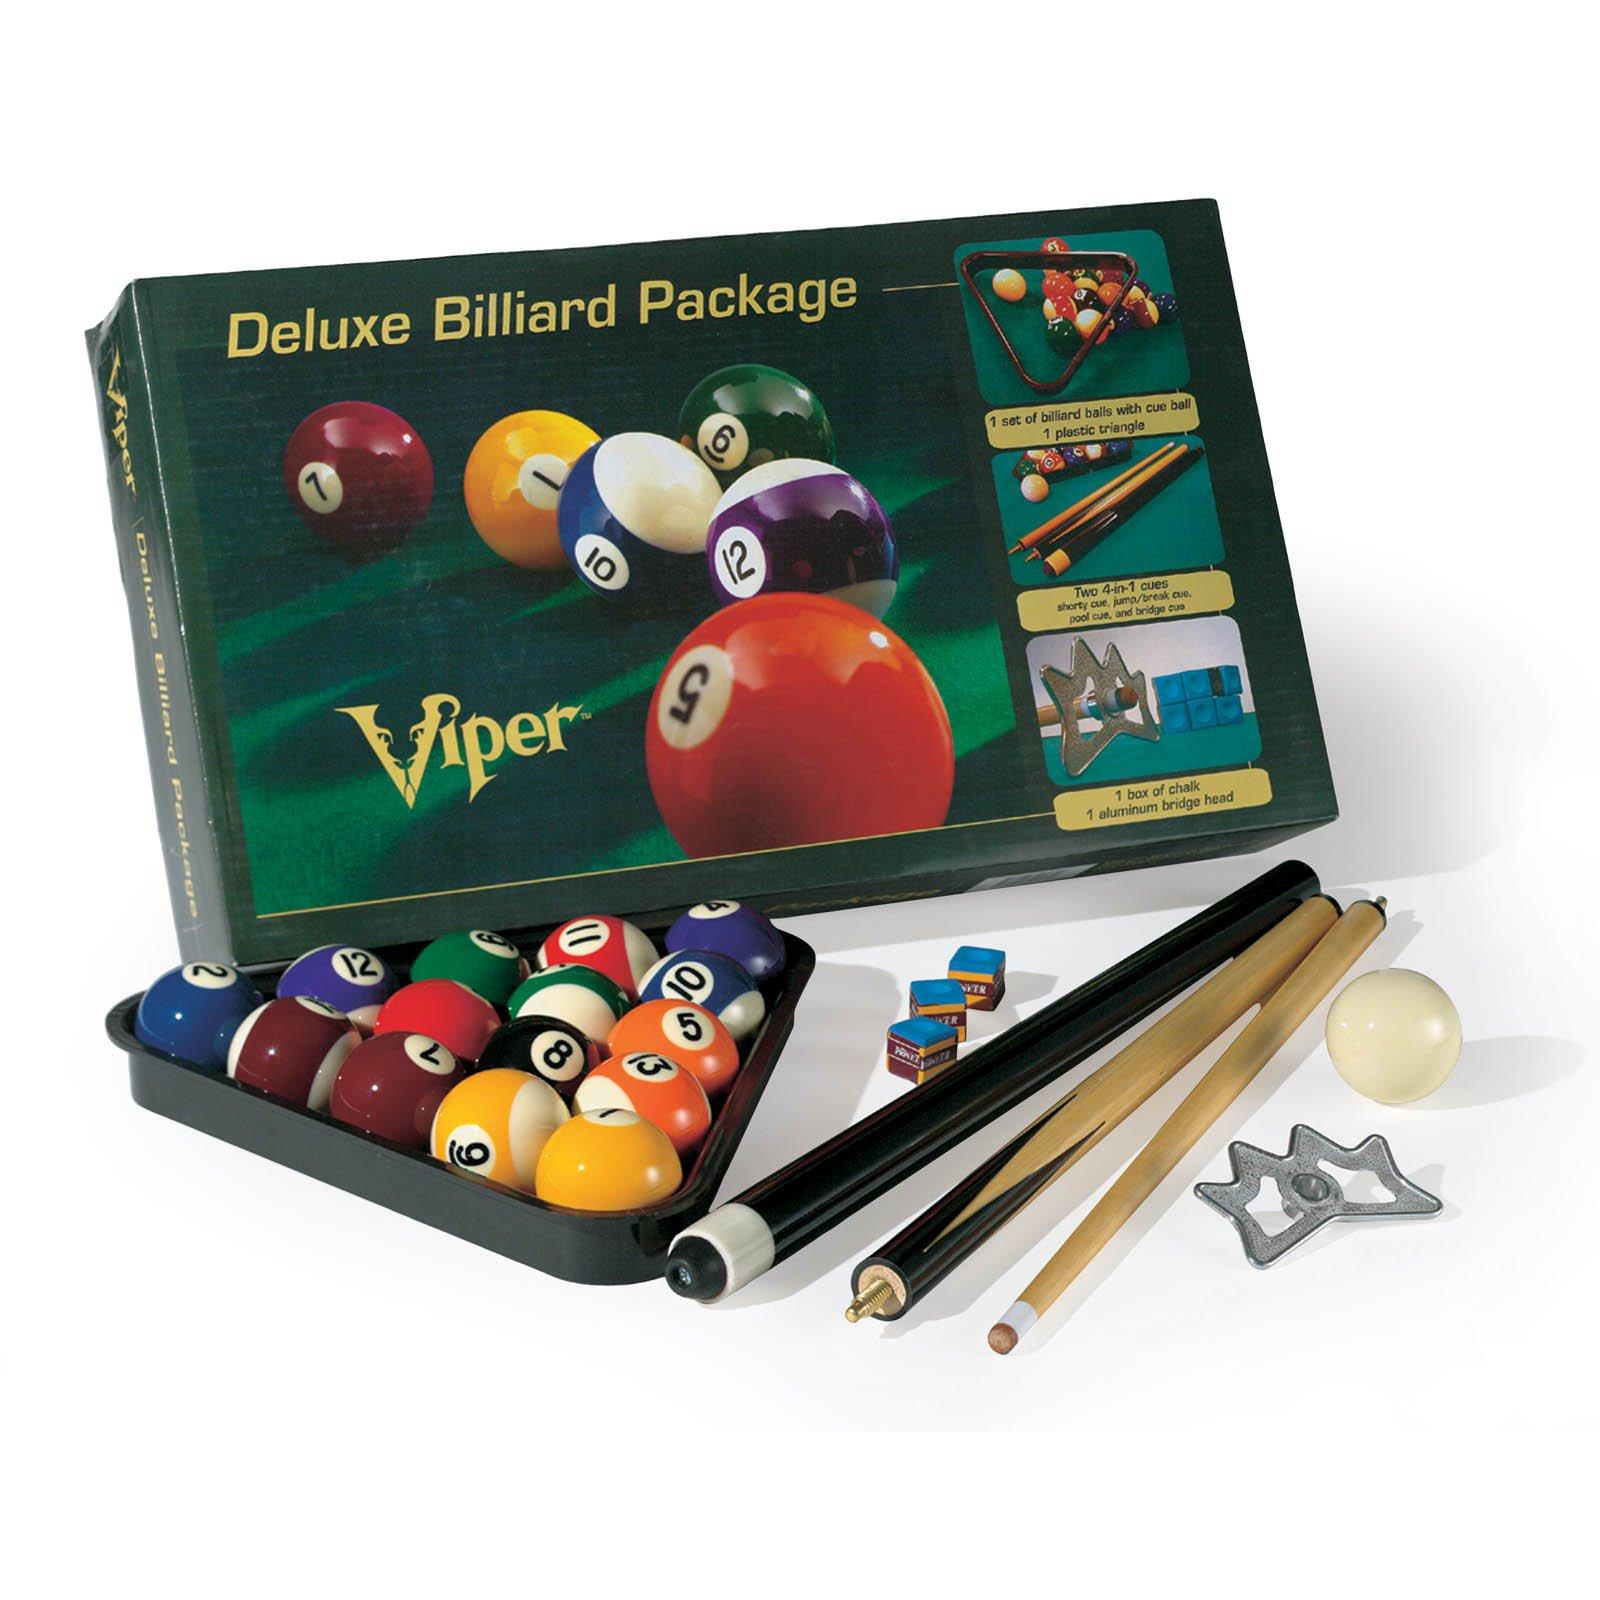 GLD Billiards Viper Deluxe Billiard Pool Cue Package